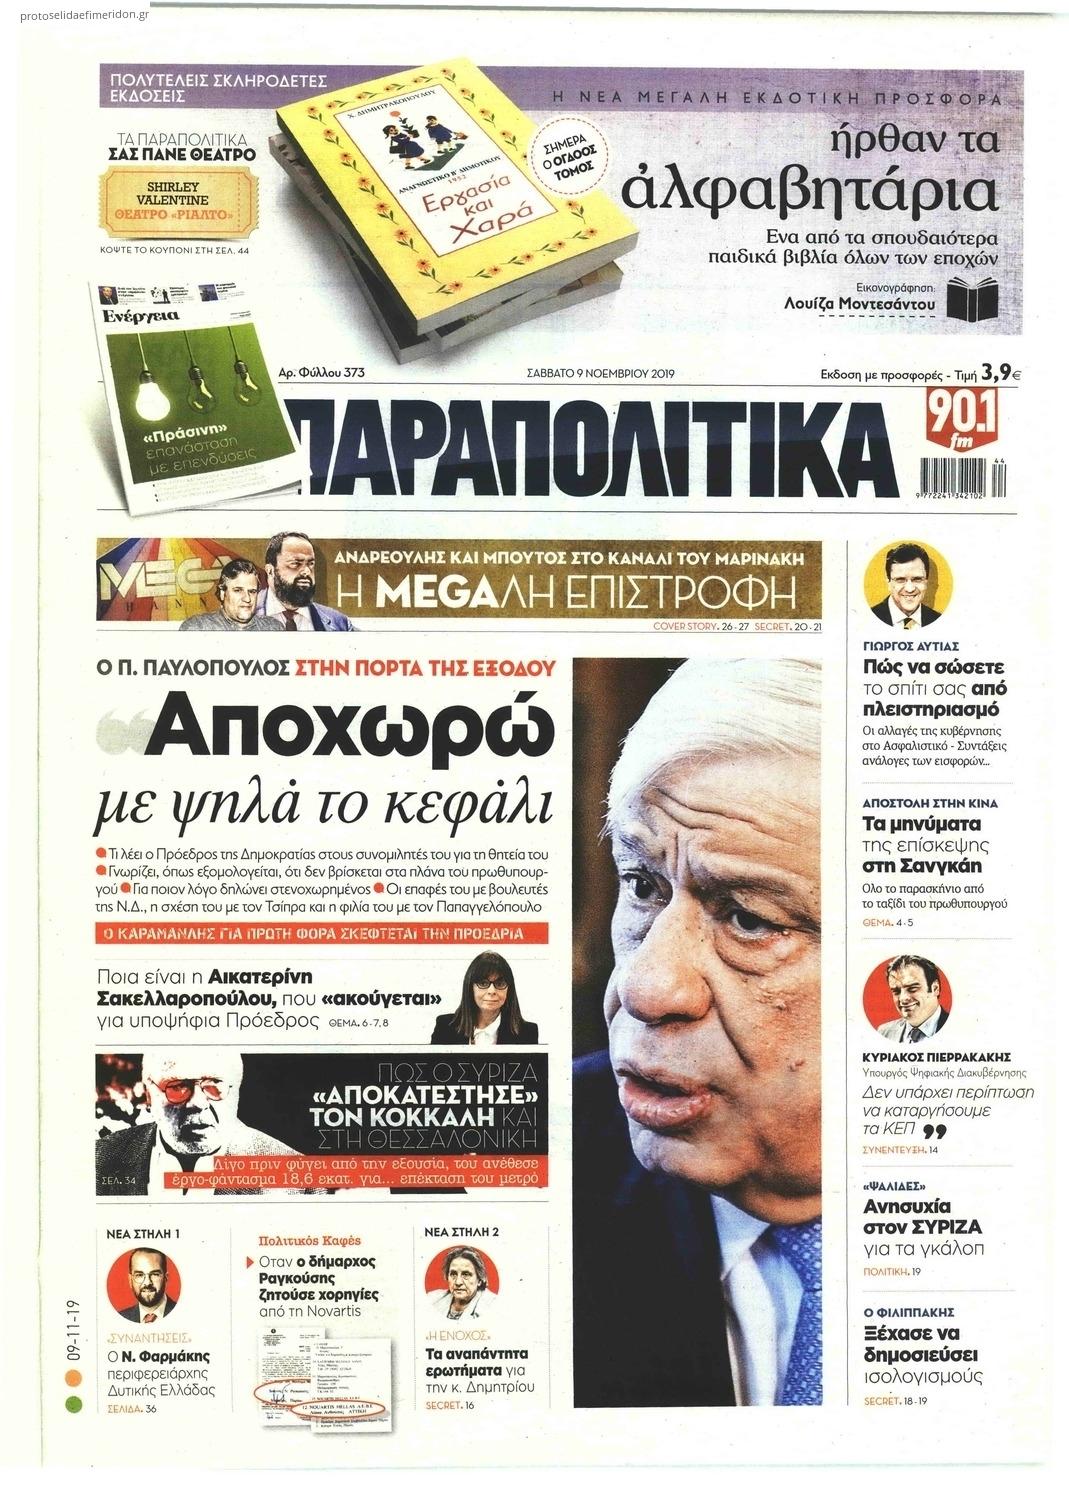 Πρωτοσέλιδο εφημερίδας Παραπολιτικά